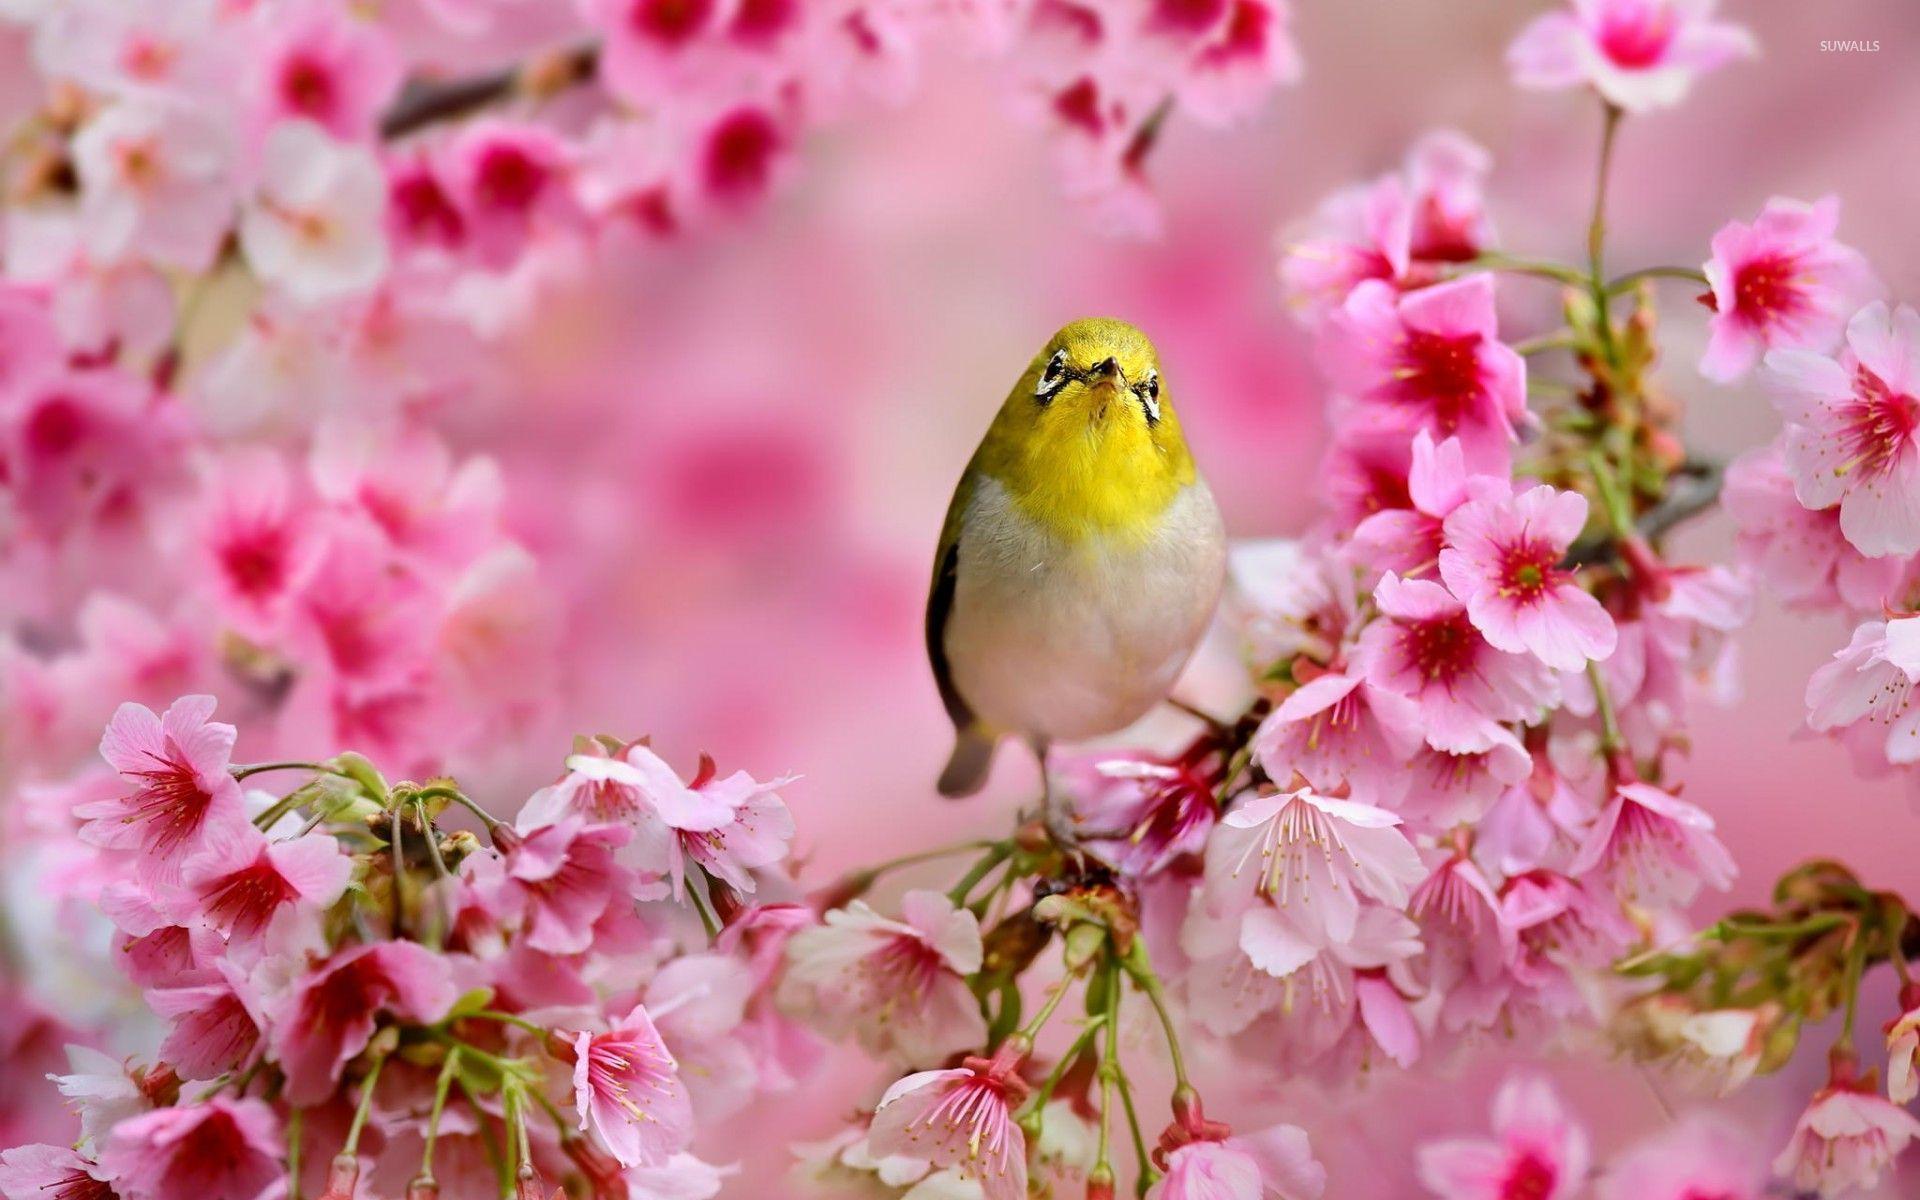 Hình ảnh mùa xuân hoa bướm đẹp